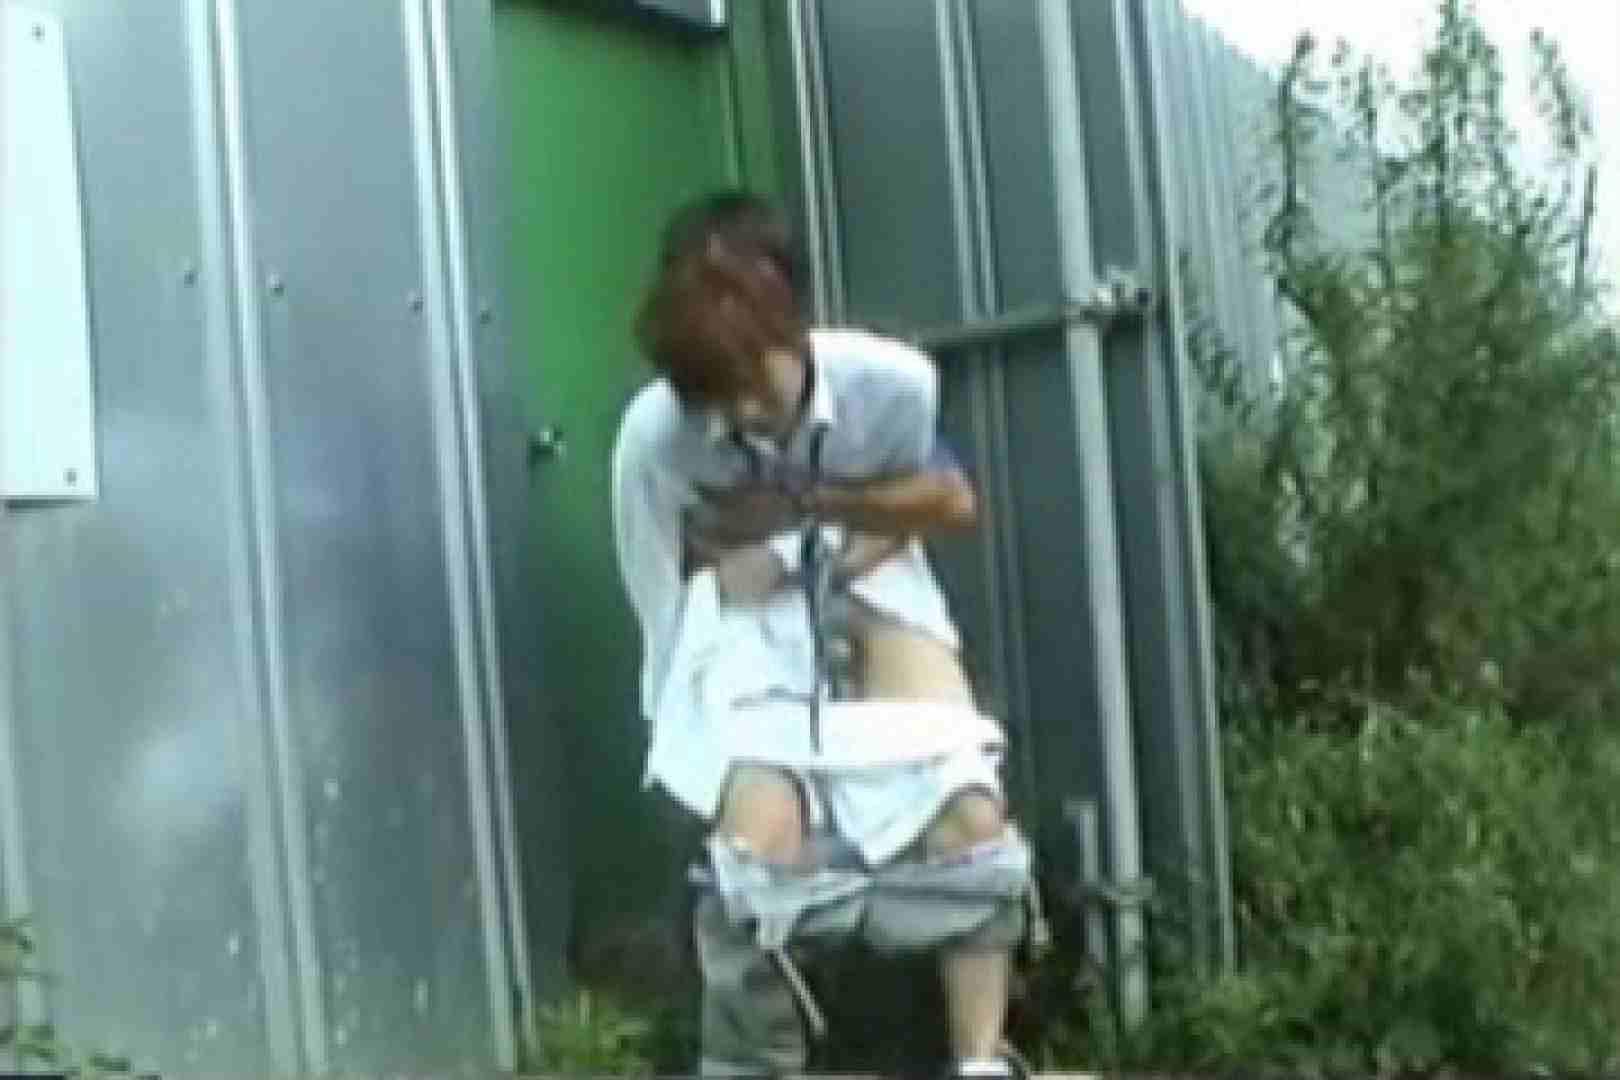 【流出】知られざる僕の秘密…vol.04 肛門中出し ゲイアダルトビデオ画像 107pic 19